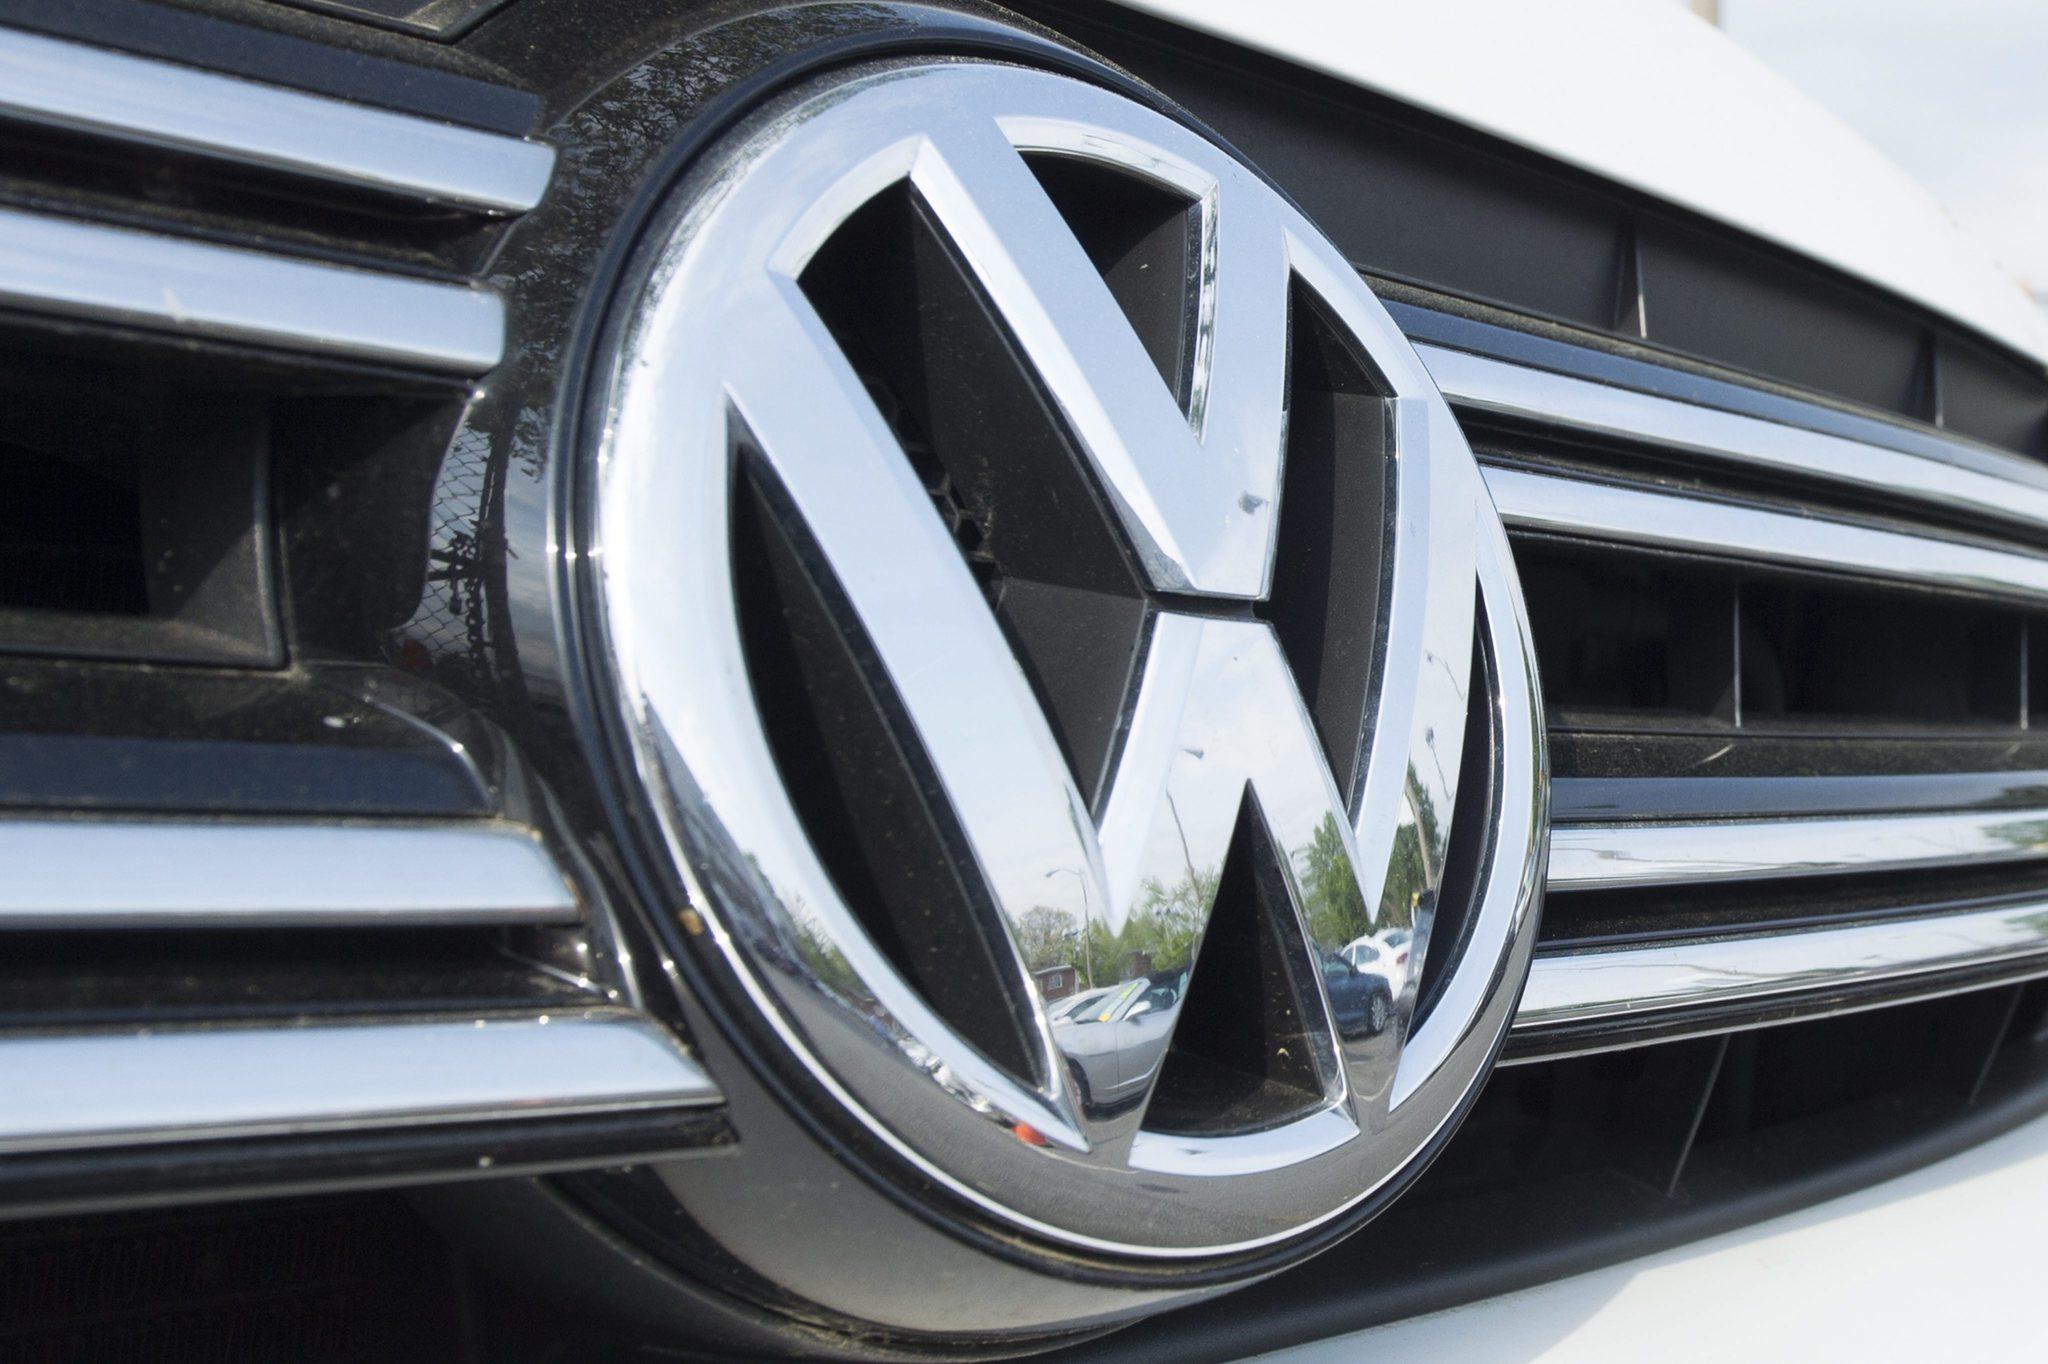 volkswagen dealers cars in ct trendline automatic lease door golf a